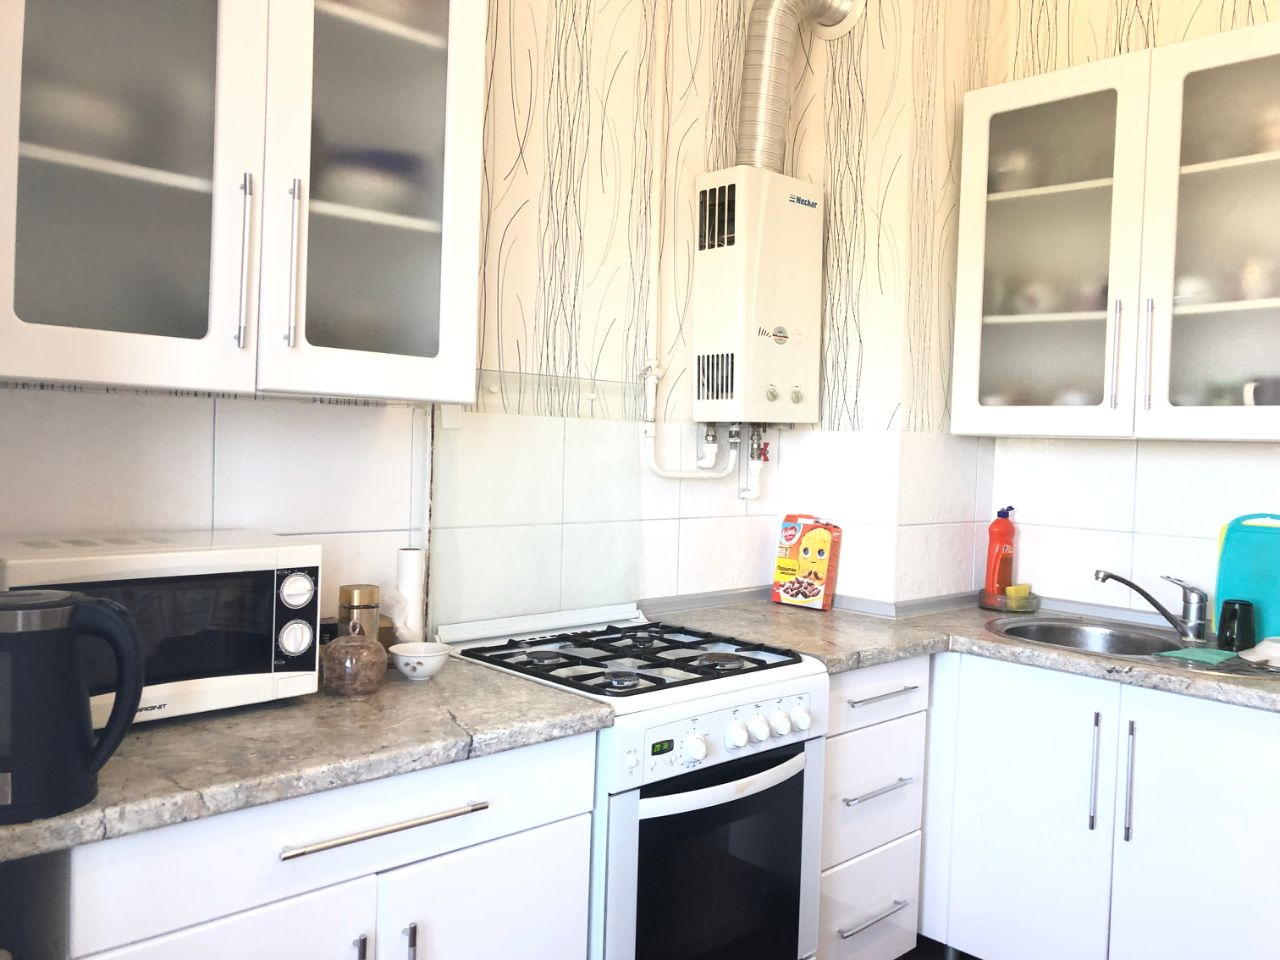 Купить трехкомнатную квартиру 65м² ул. Фрунзе, Таганрог, Ростовская область - база ЦИАН, объявление 225056949